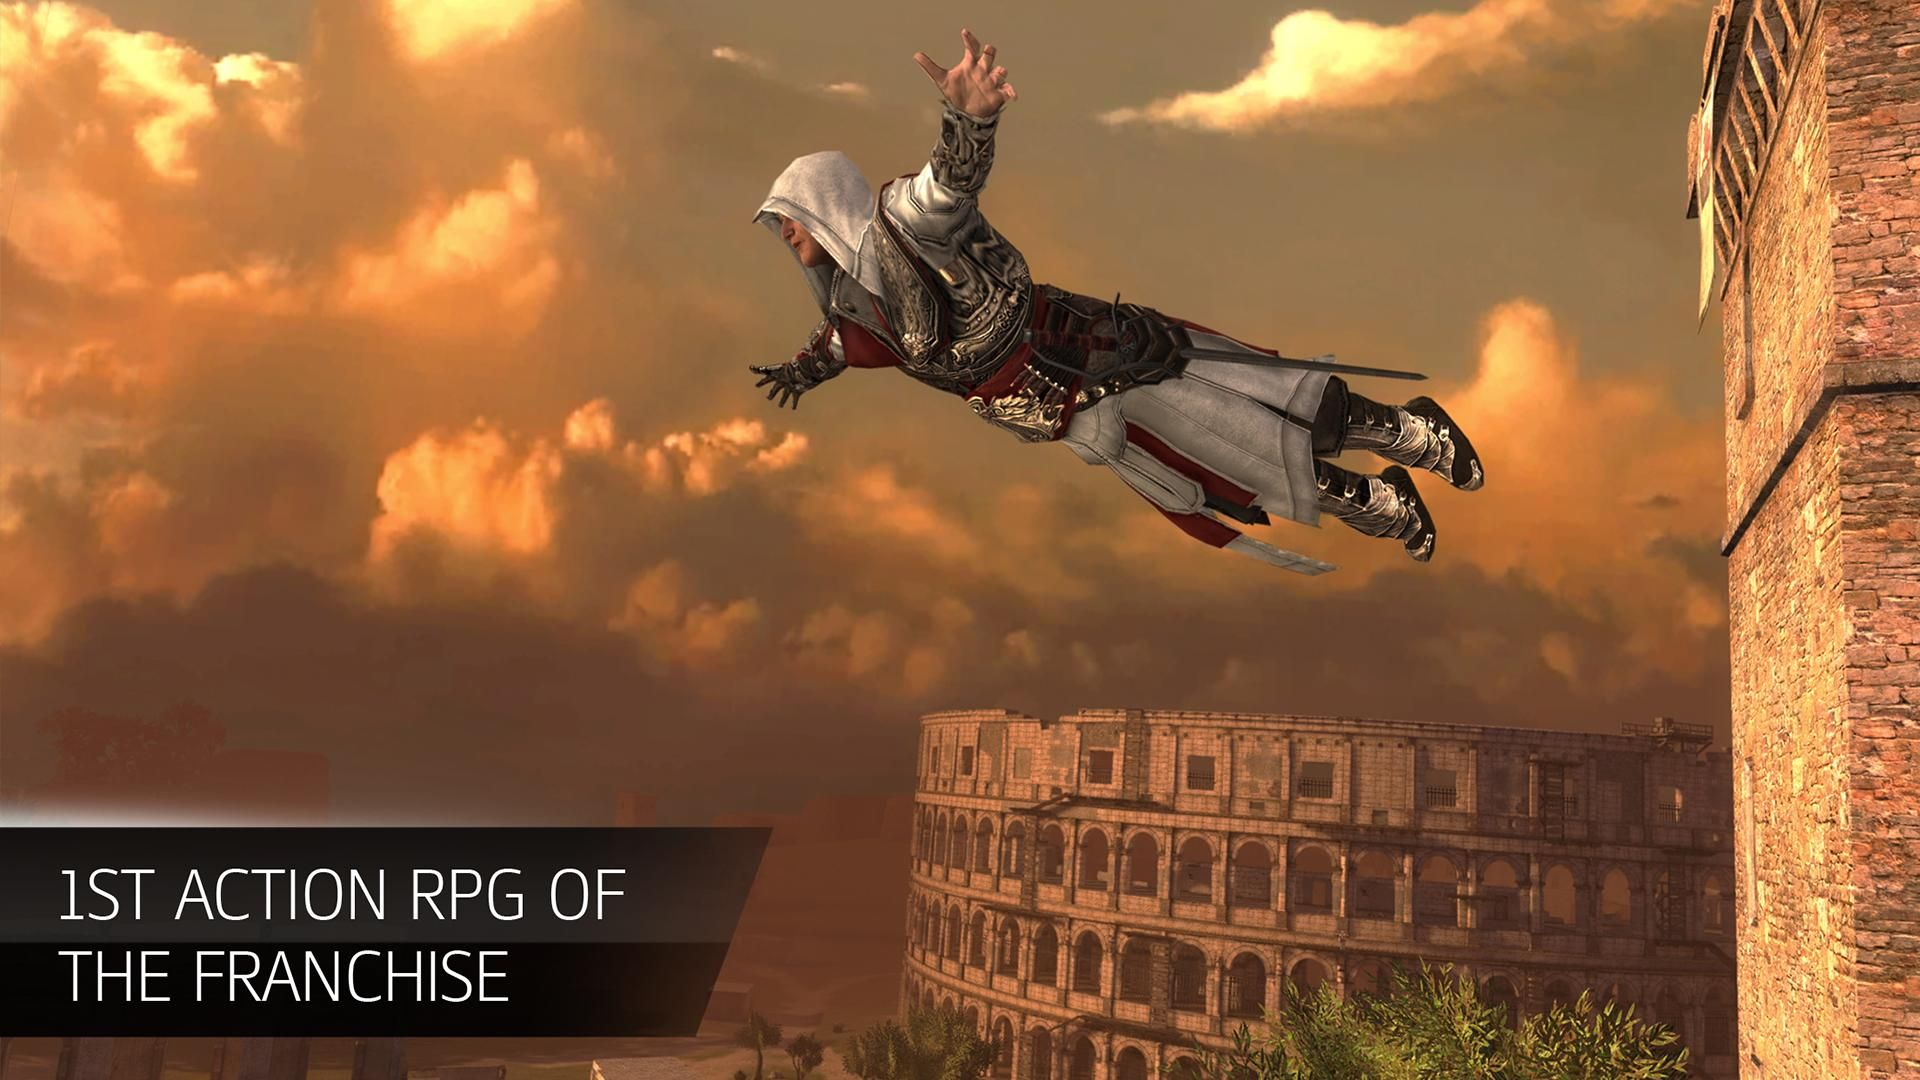 刺客信条:本色(Assassin's Creed Identity) 游戏截图2